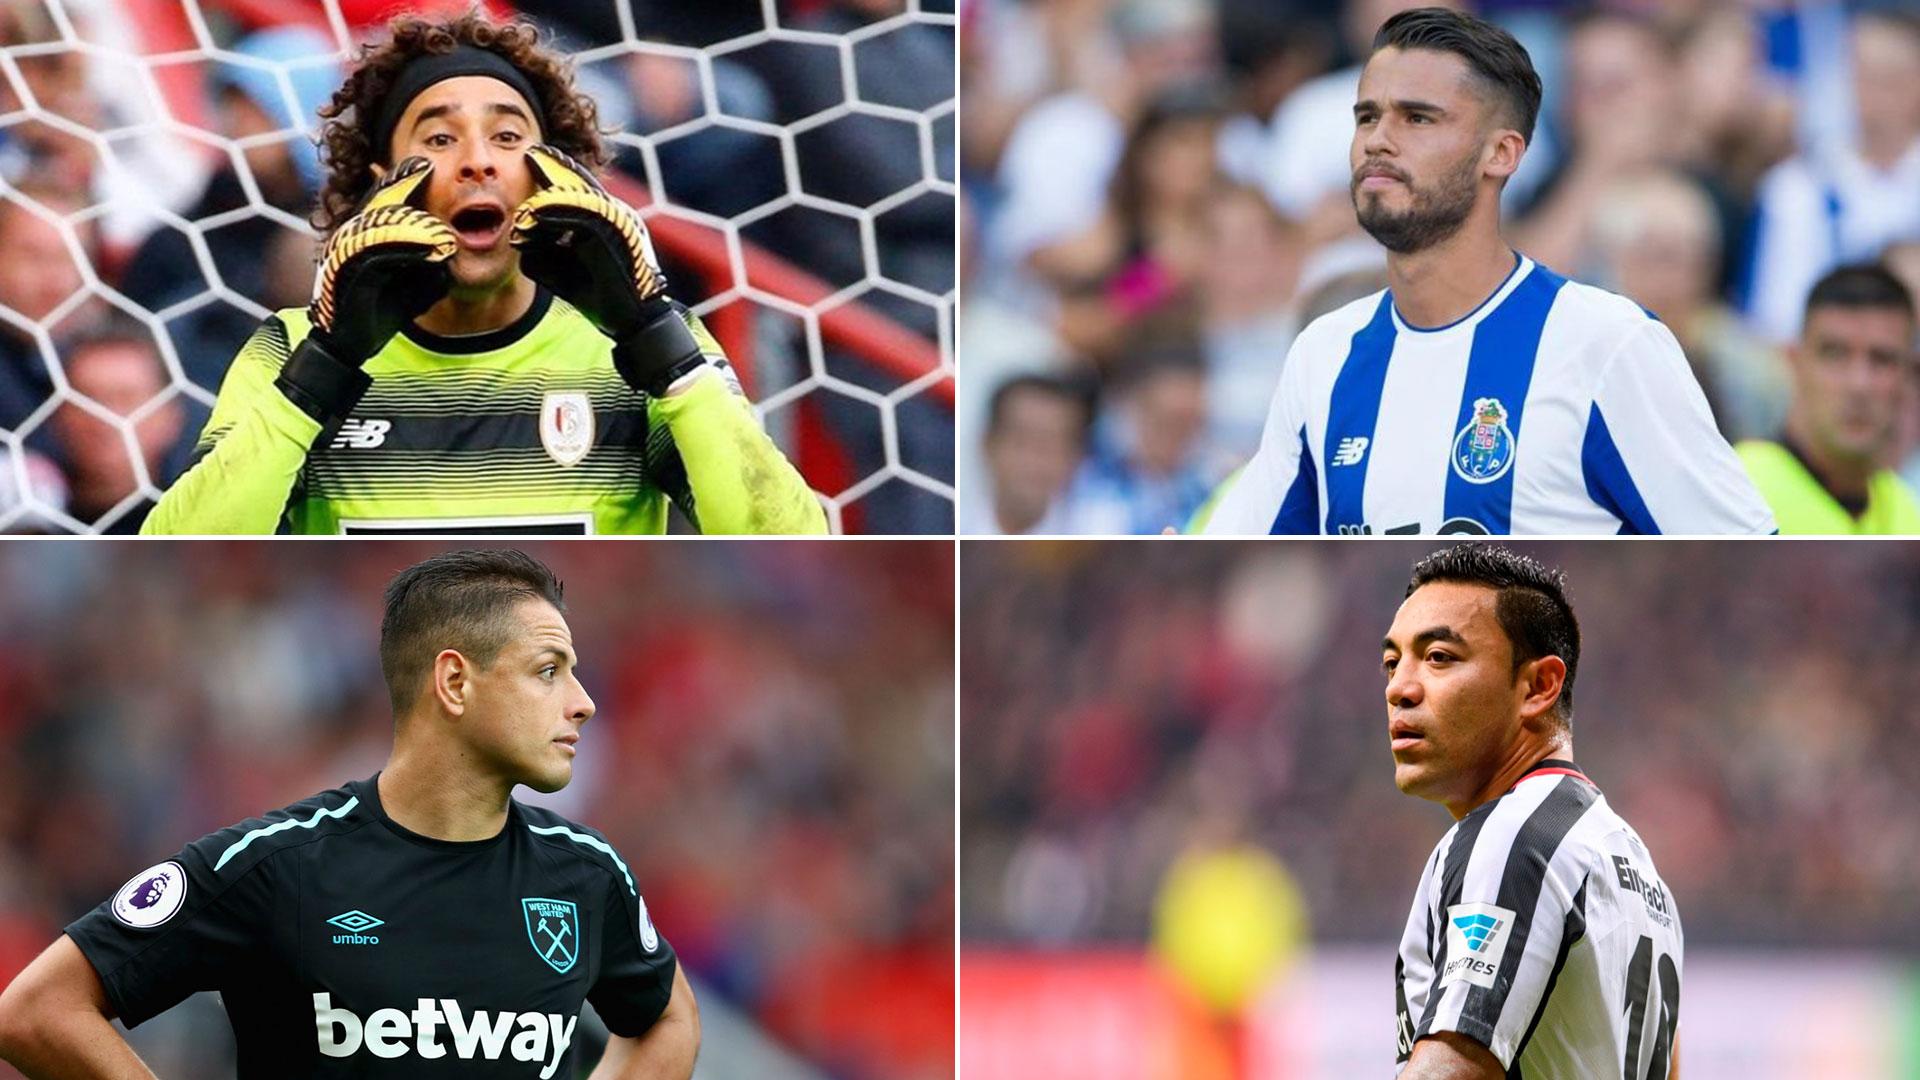 'Memo' Ochoa, Diego Reyes, 'Chicharito' Hernández y Marco Fabián son algunas de las figuras de la selección de México que pelean por llegar bien al Mundial